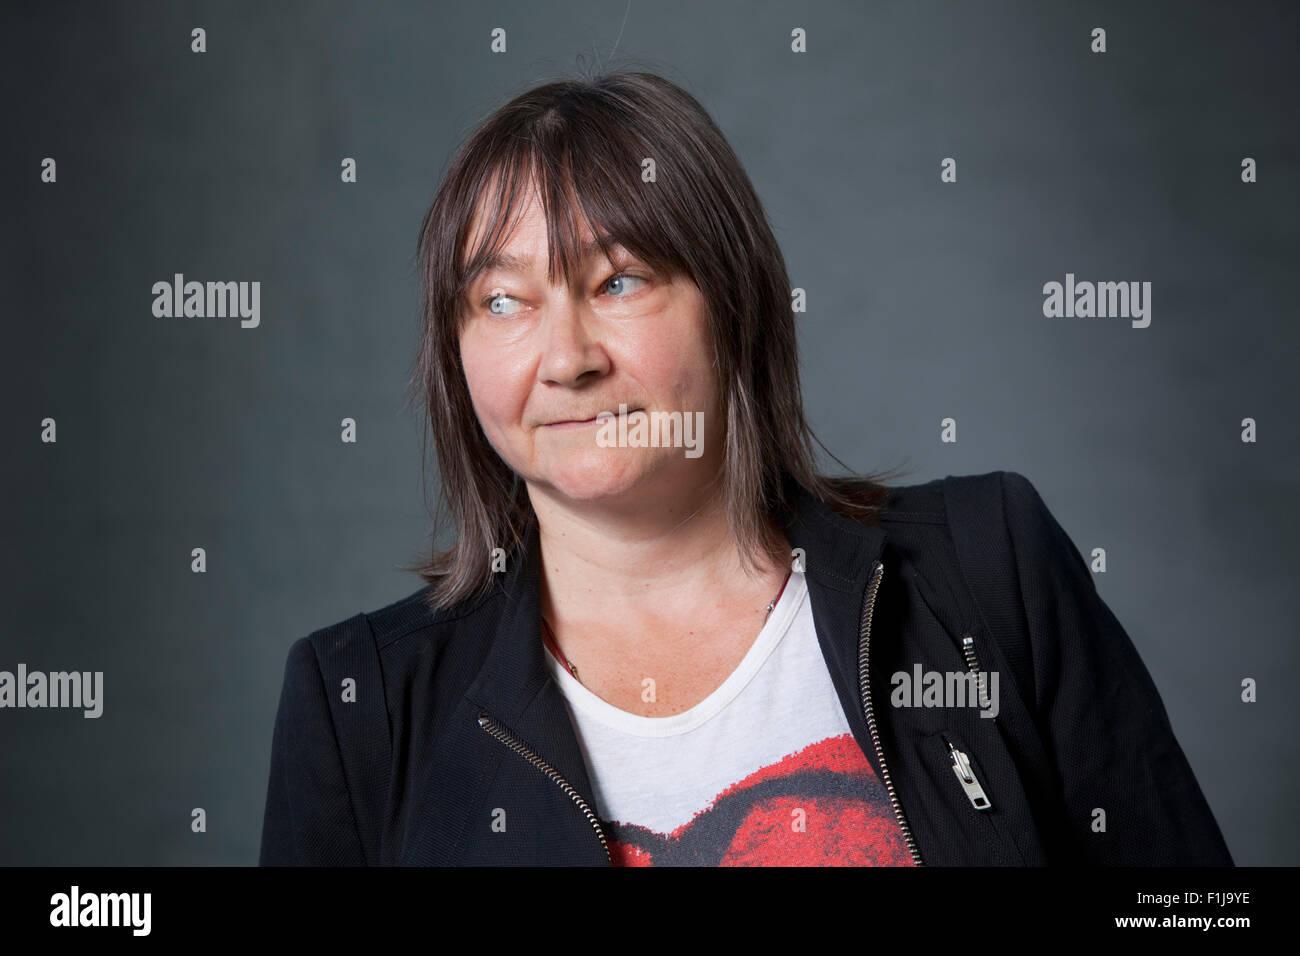 Ali Smith, autore scozzese e romanziere al Edinburgh International Book Festival 2015. Edimburgo, Scozia. 15 Agosto Immagini Stock